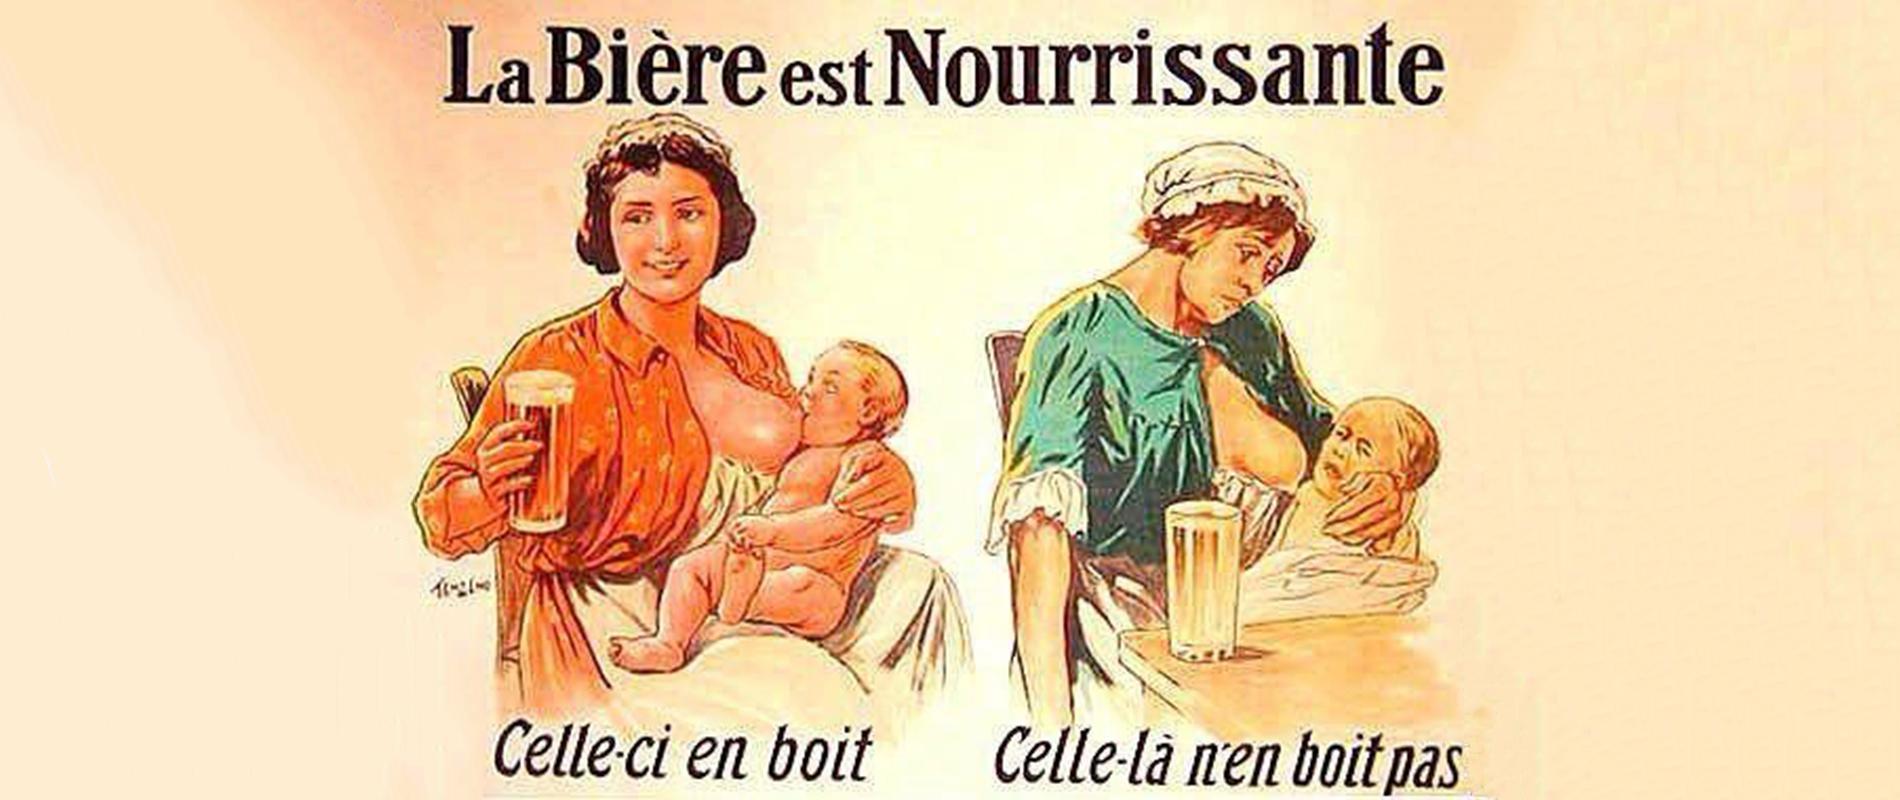 La bière, une histoire de femmes - Madame Figaro